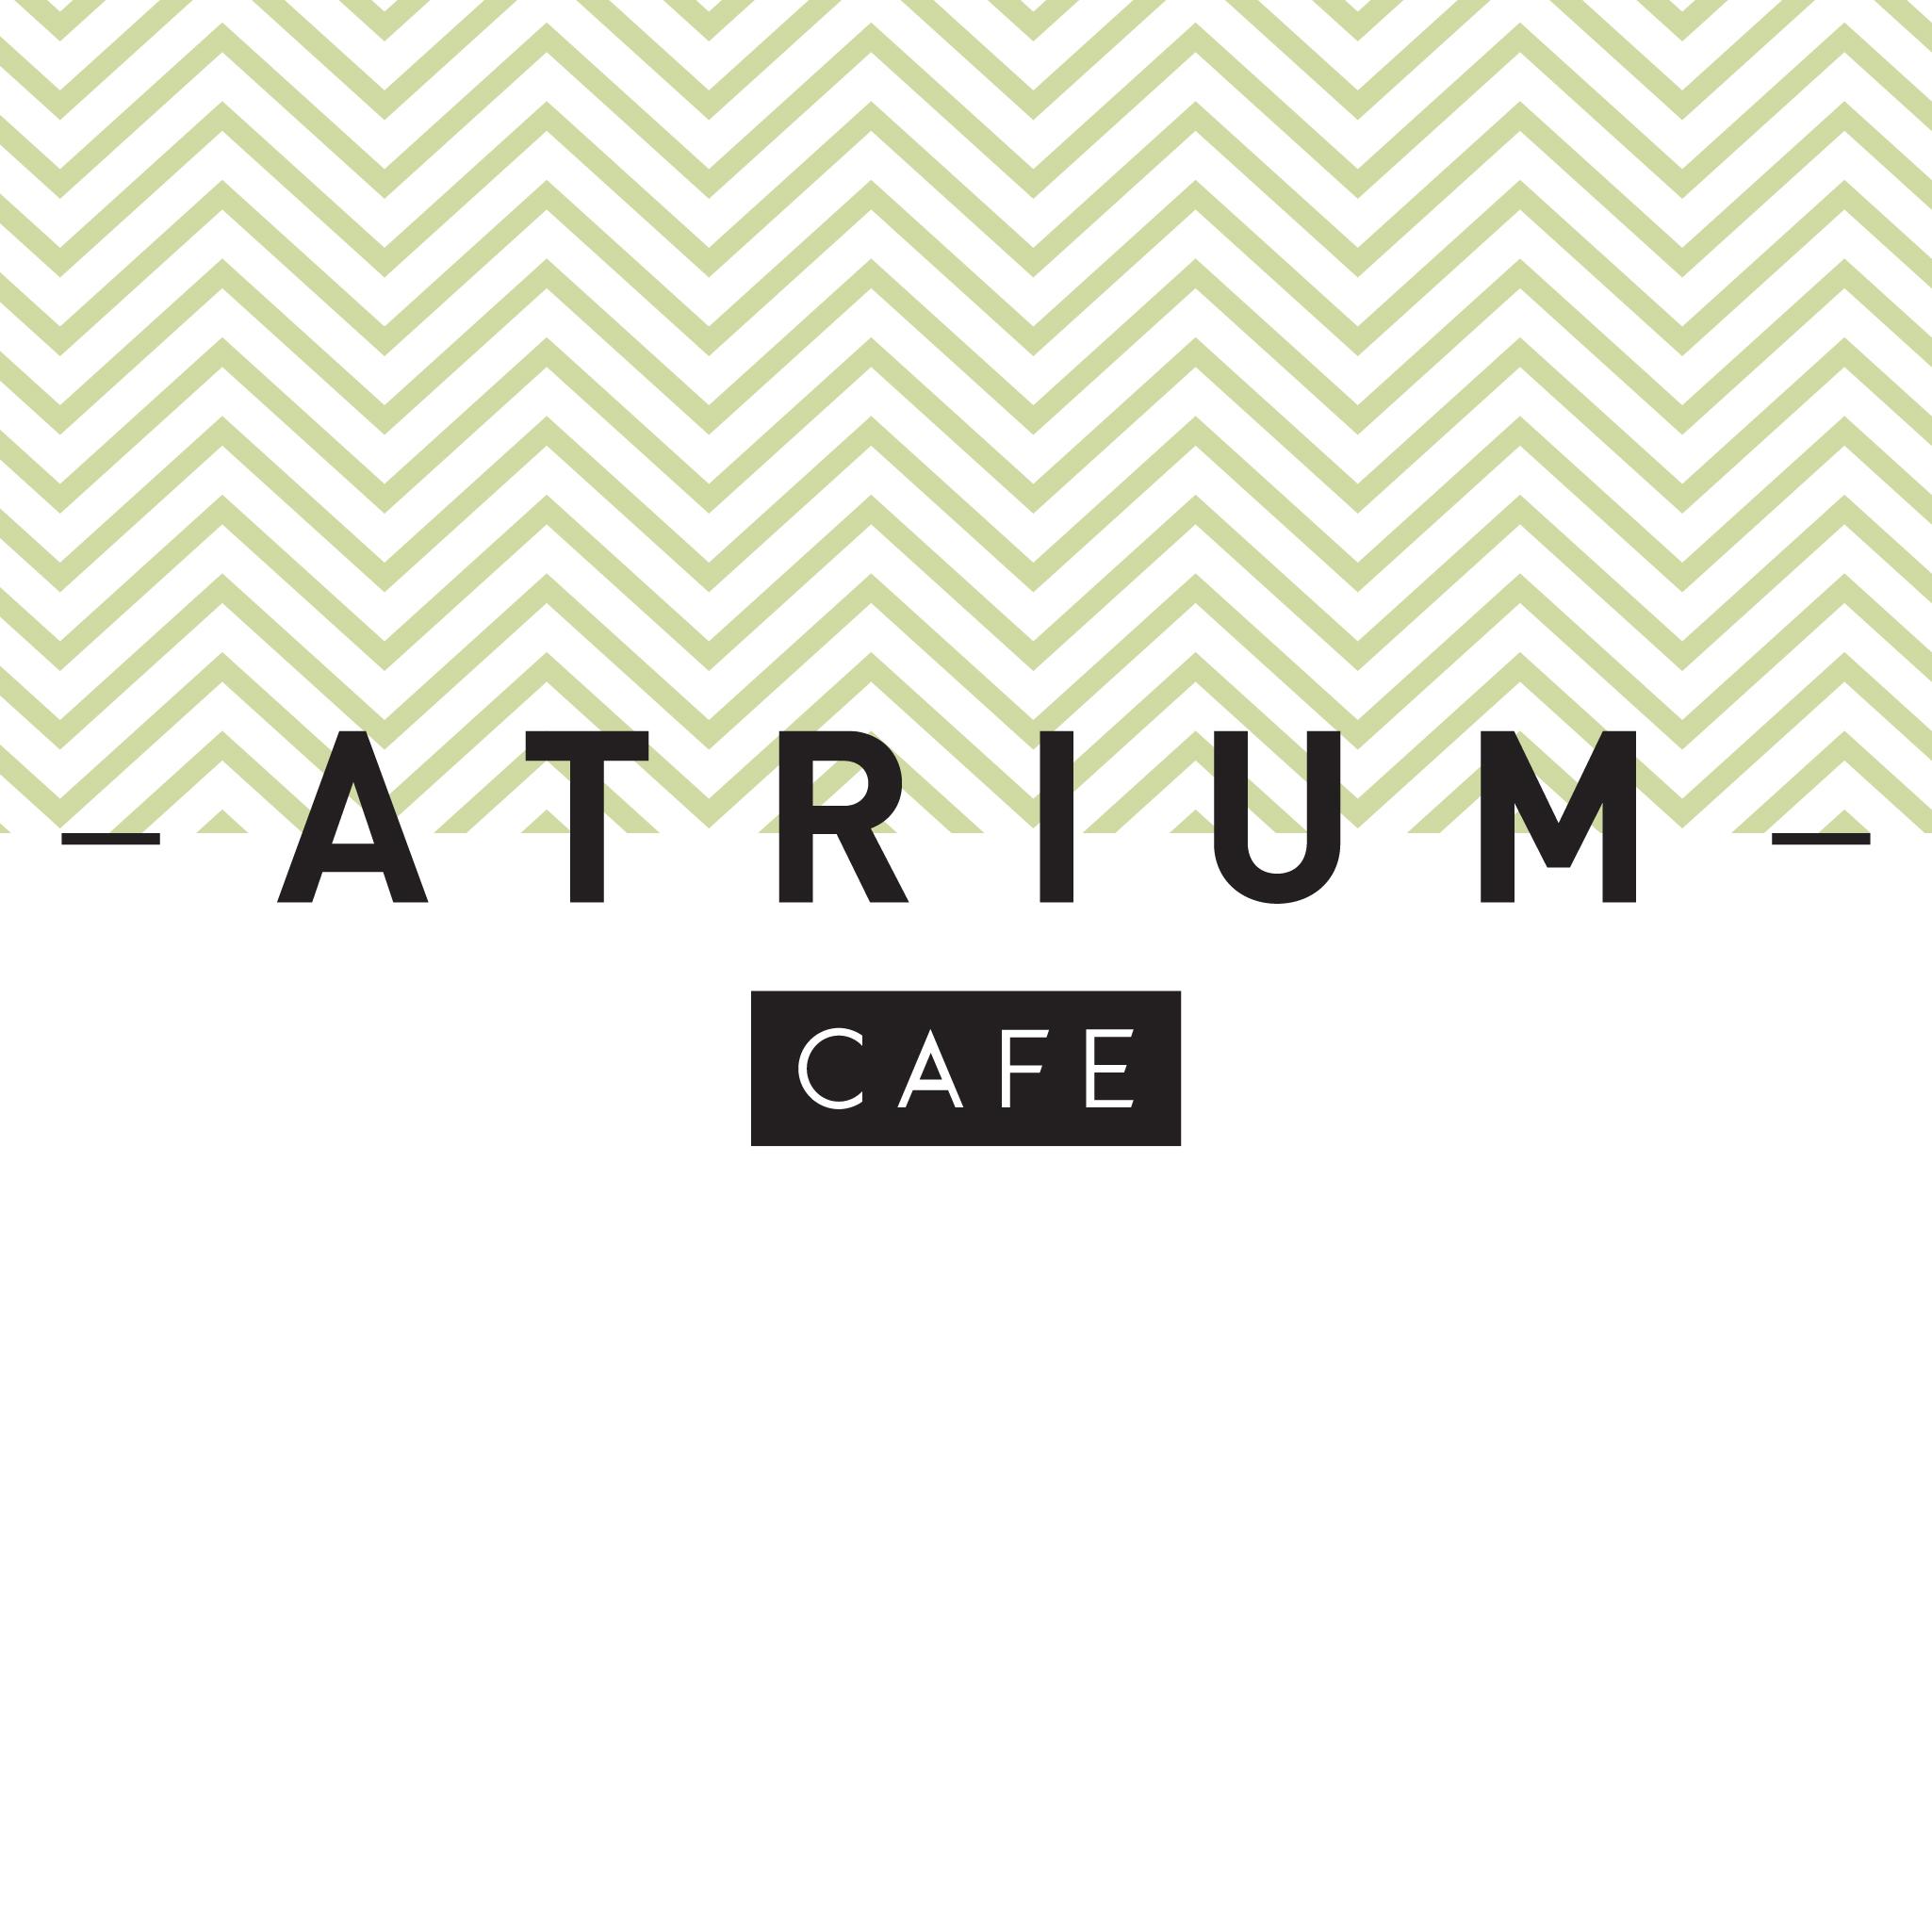 Atrium Café